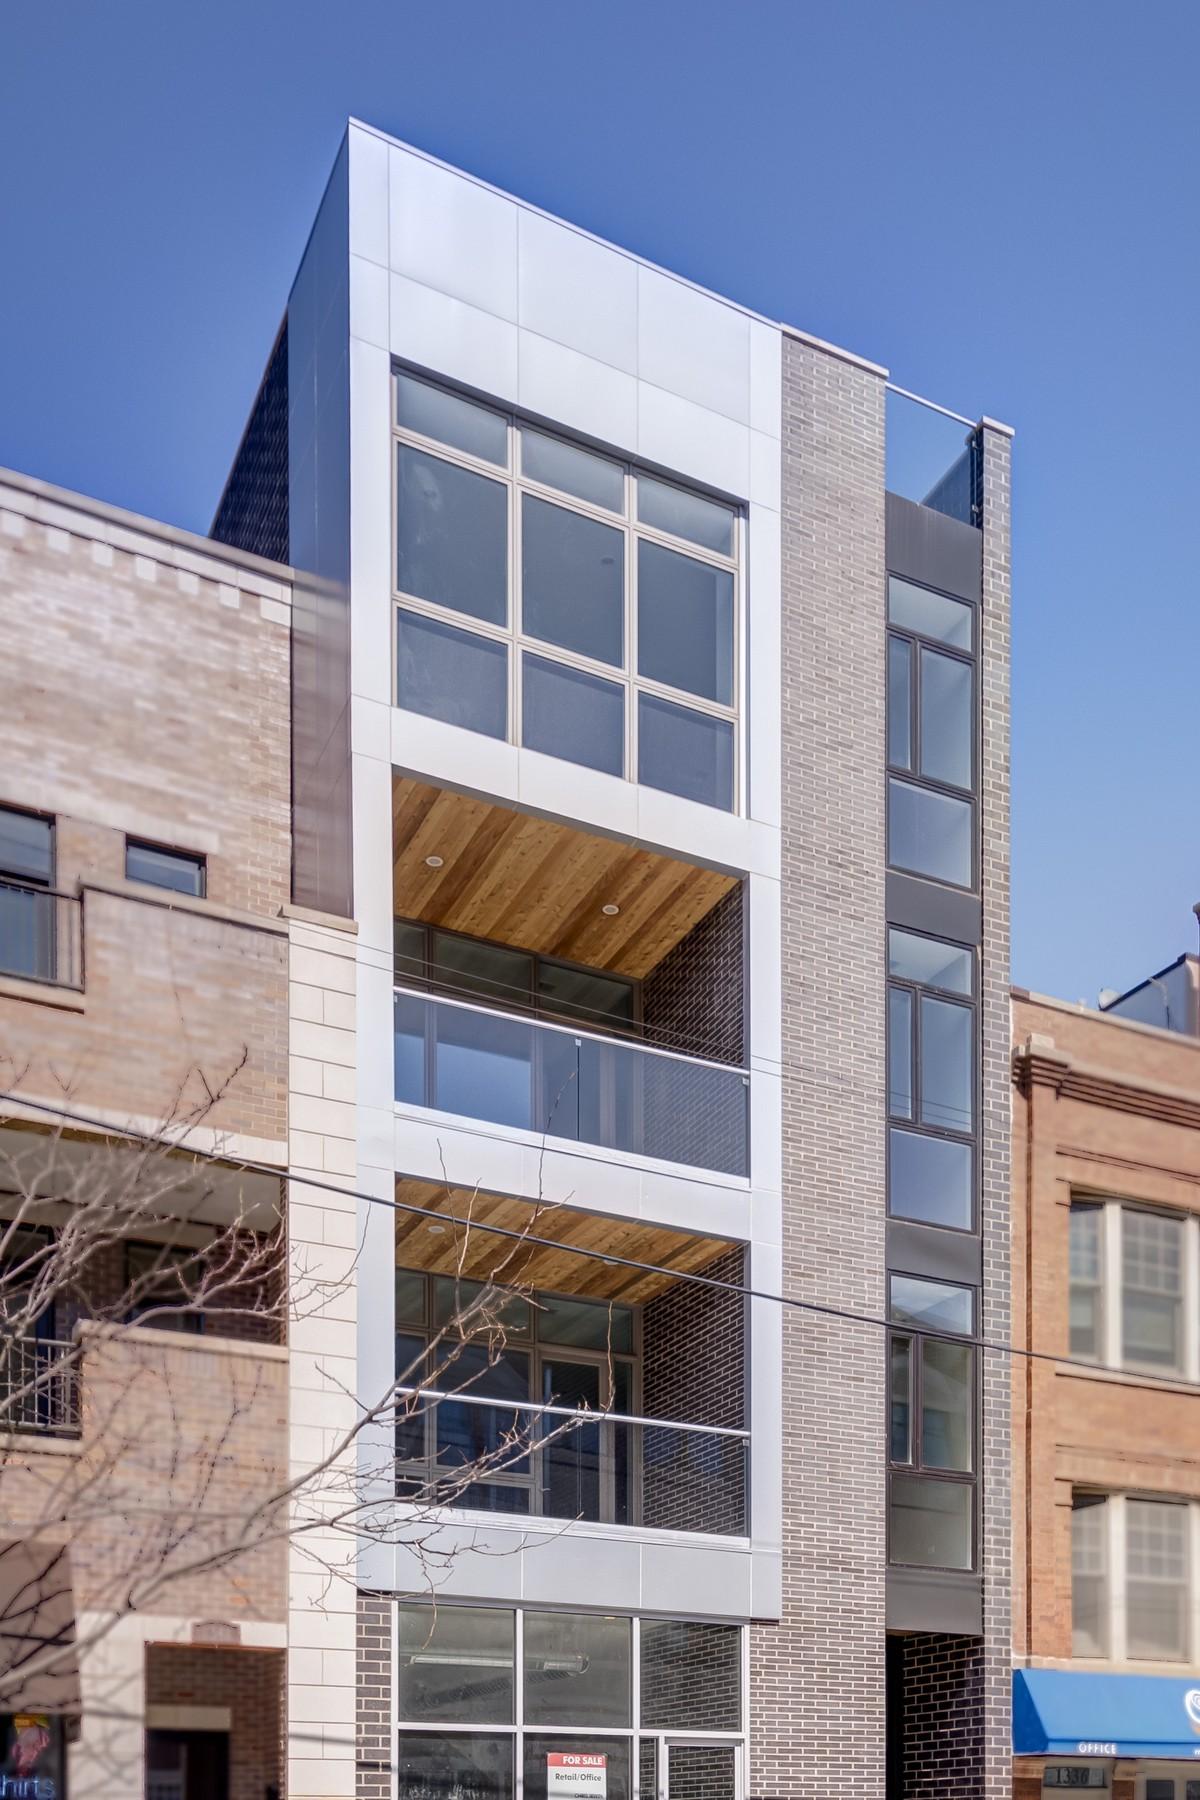 Кооперативная квартира для того Продажа на Sleek Contemporary Condo 1338 W Belmont Avenue Unit 4 Lakeview, Chicago, Иллинойс, 60657 Соединенные Штаты